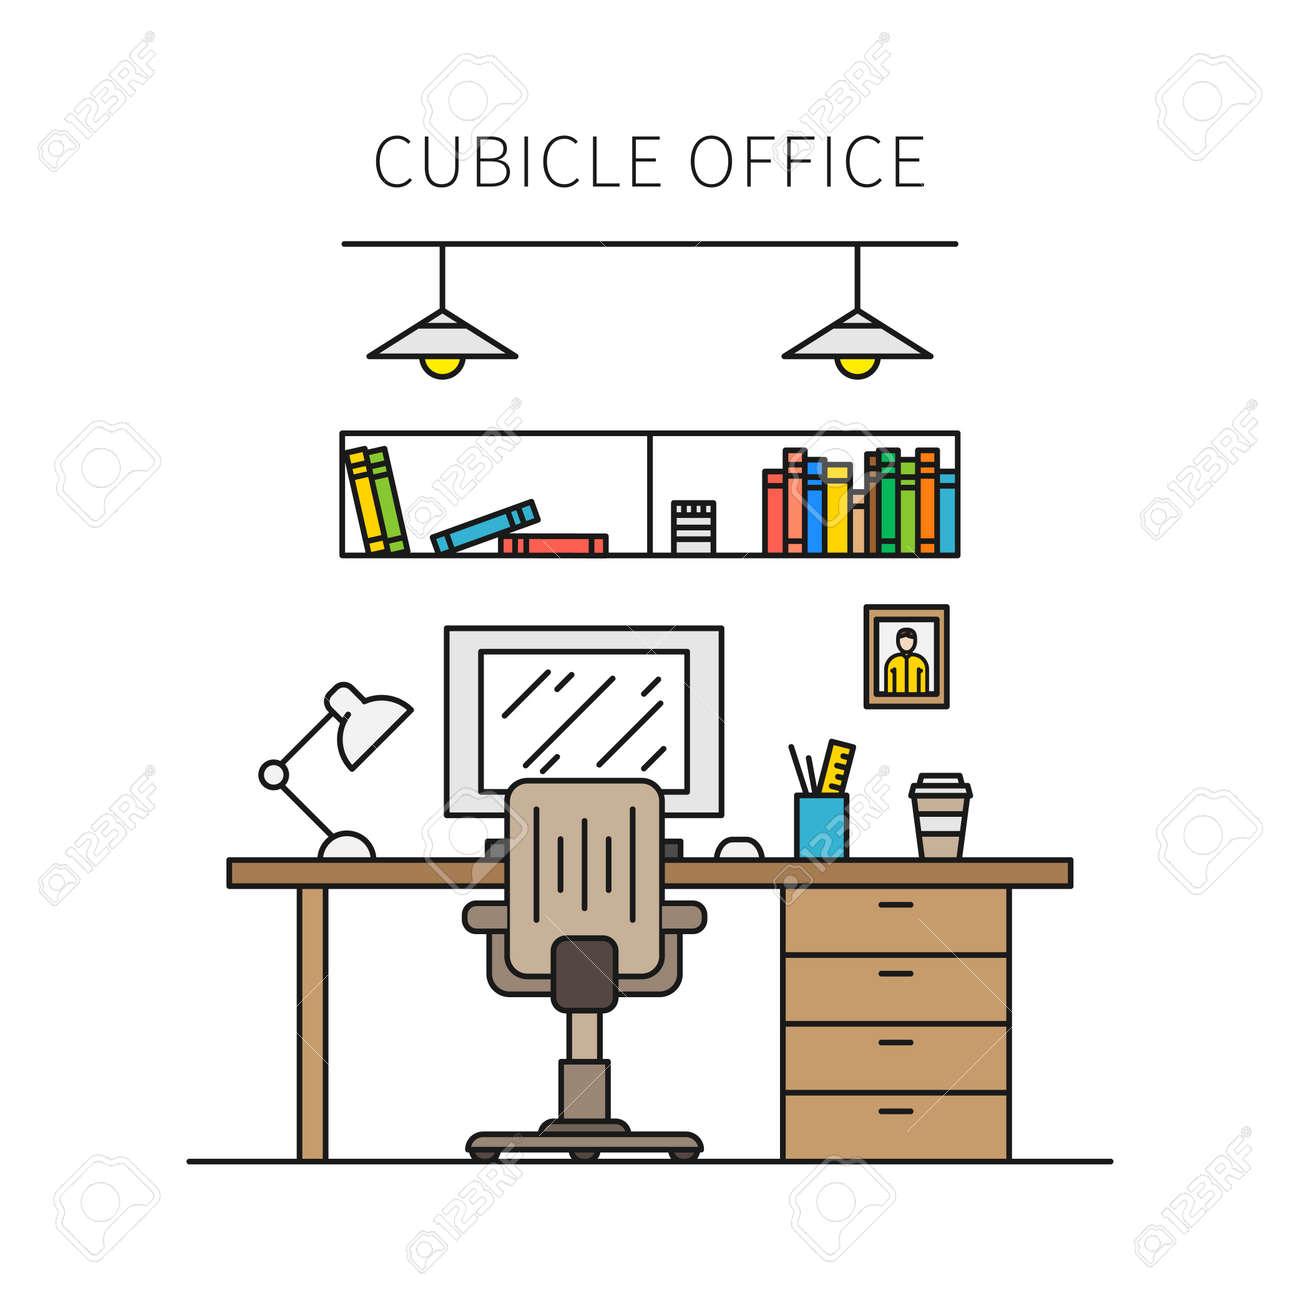 Concepto Y Ilustración De Equipos Cubículo VectorialIndividual La Oficina Lugar LámparaEscritorioMesaSilla Trabajo Muebles Con m0Nwnv8